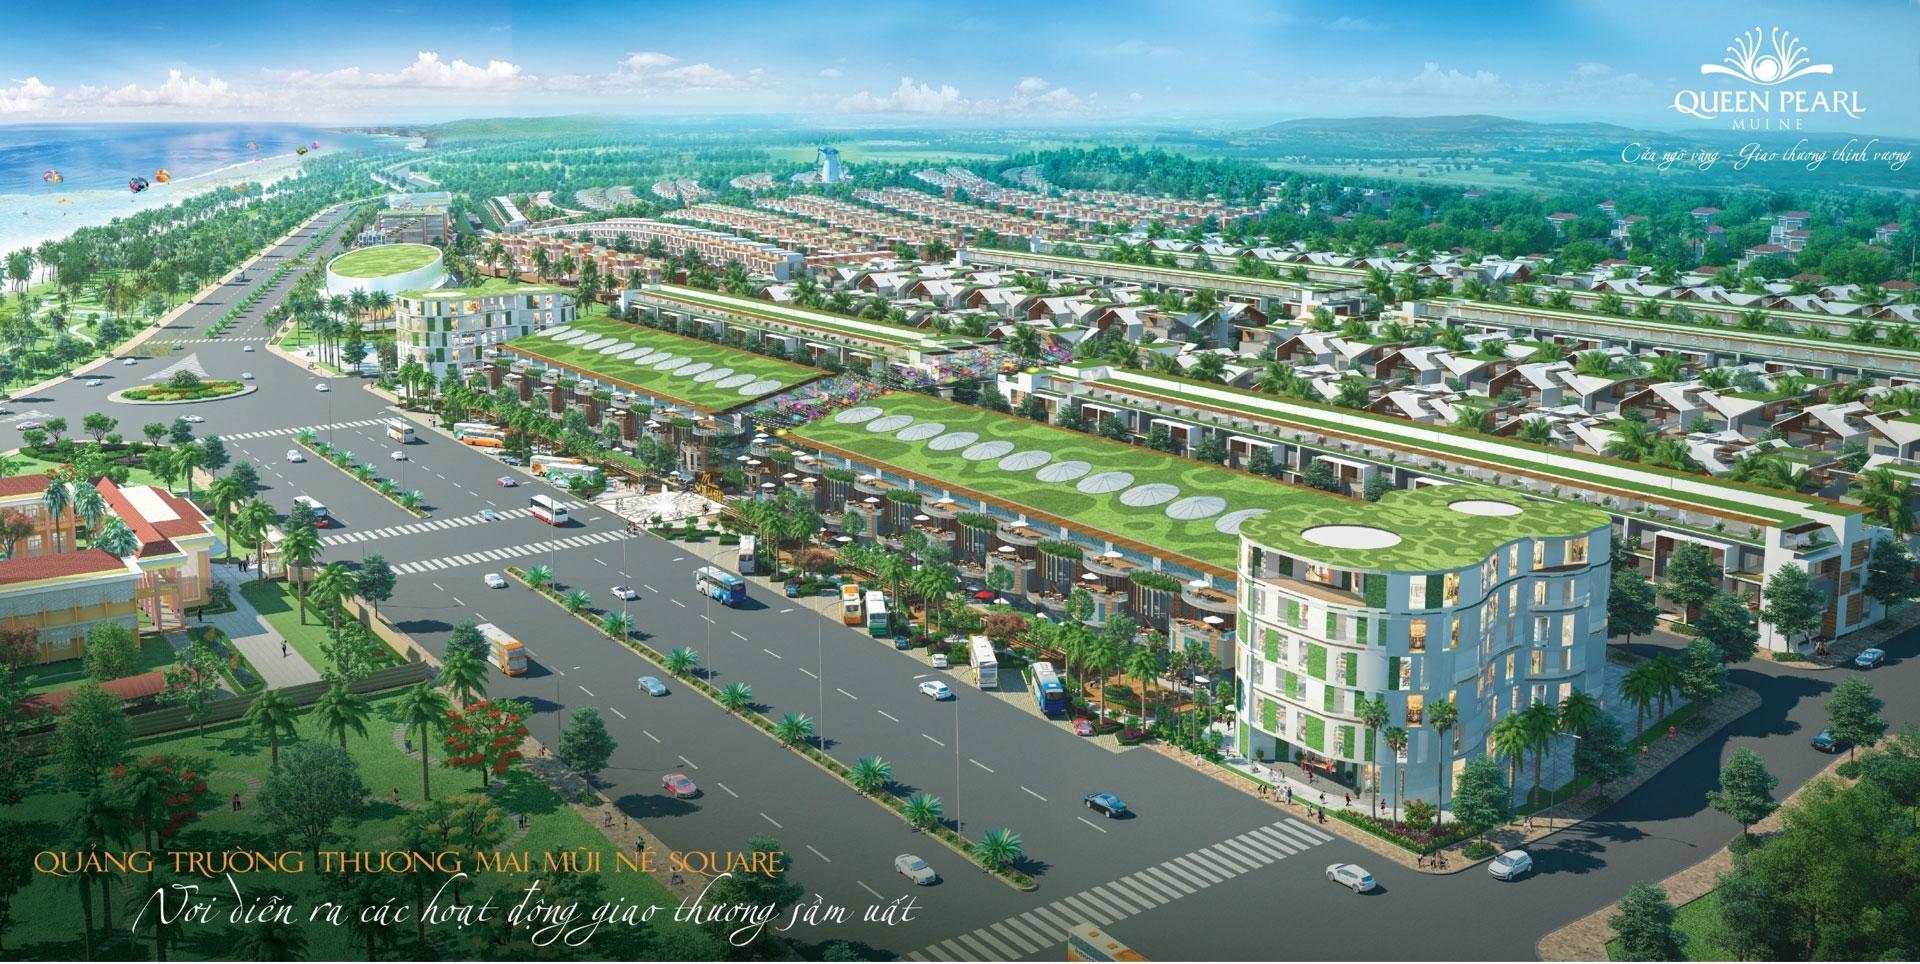 Chủ đầu tư Tân Việt Phát là ai ? Dự án Công ty cổ phần Tân Việt Phát